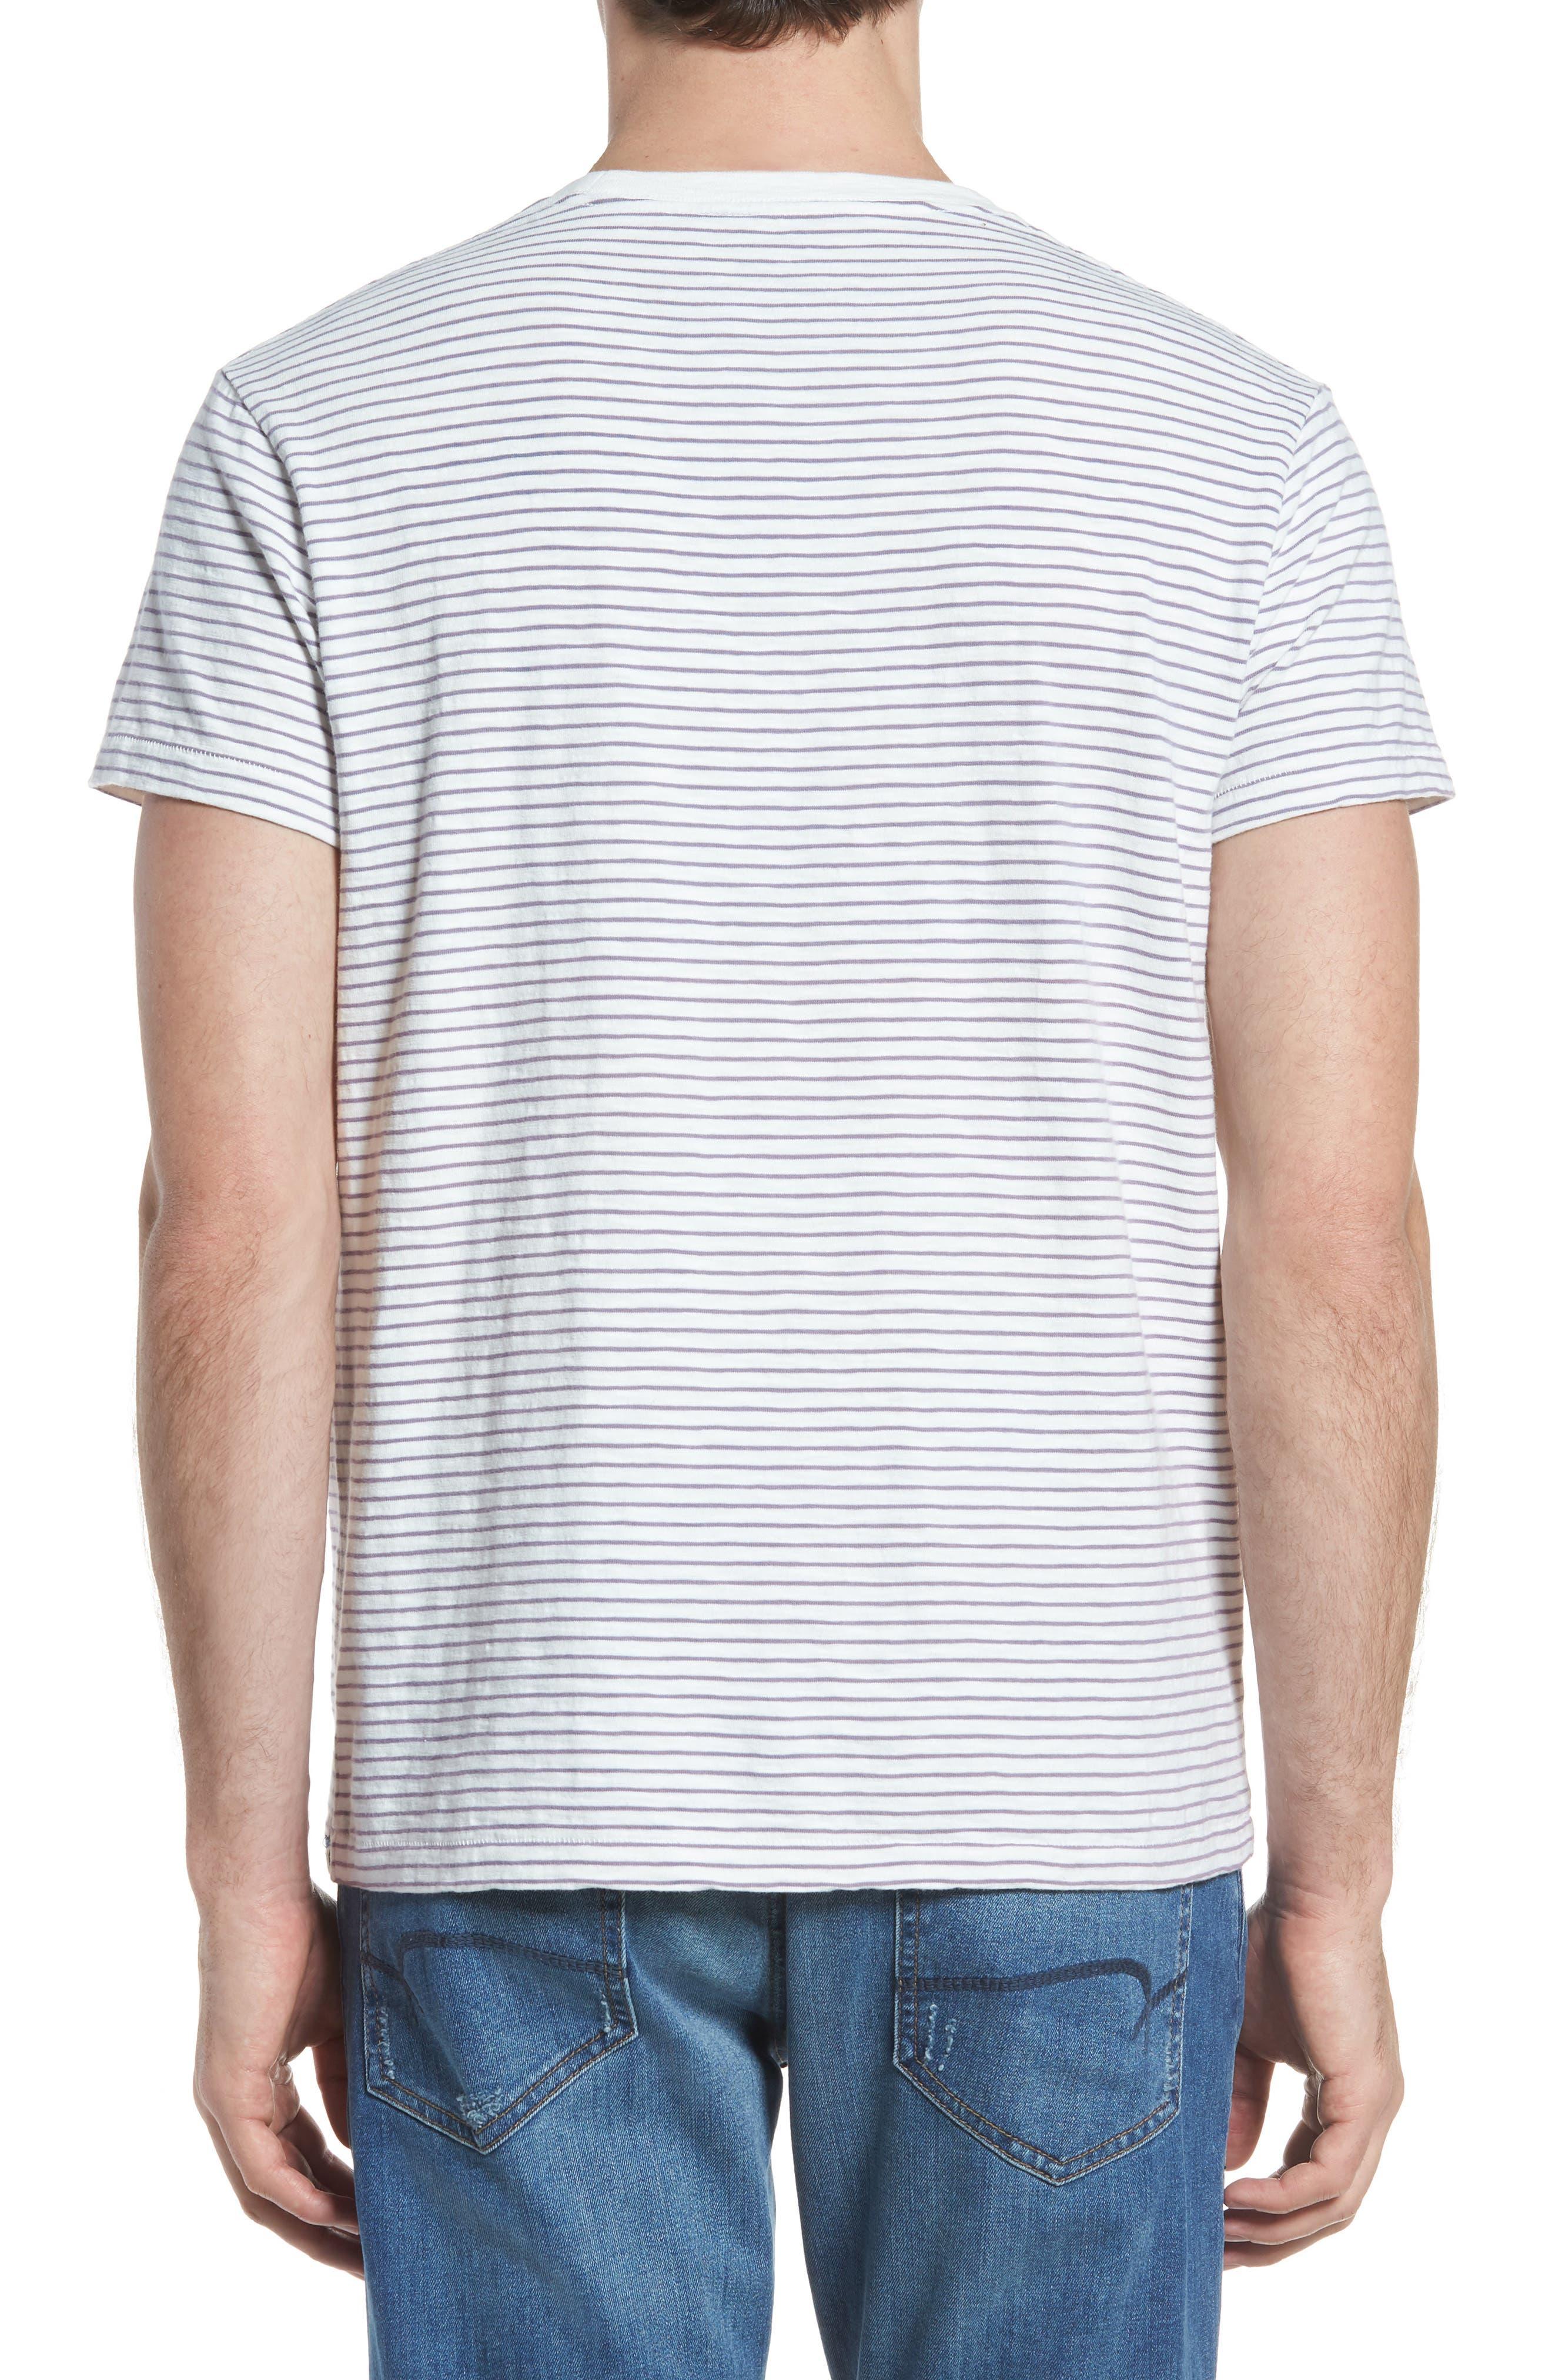 Malaga Cove Stripe T-Shirt,                             Alternate thumbnail 2, color,                             114